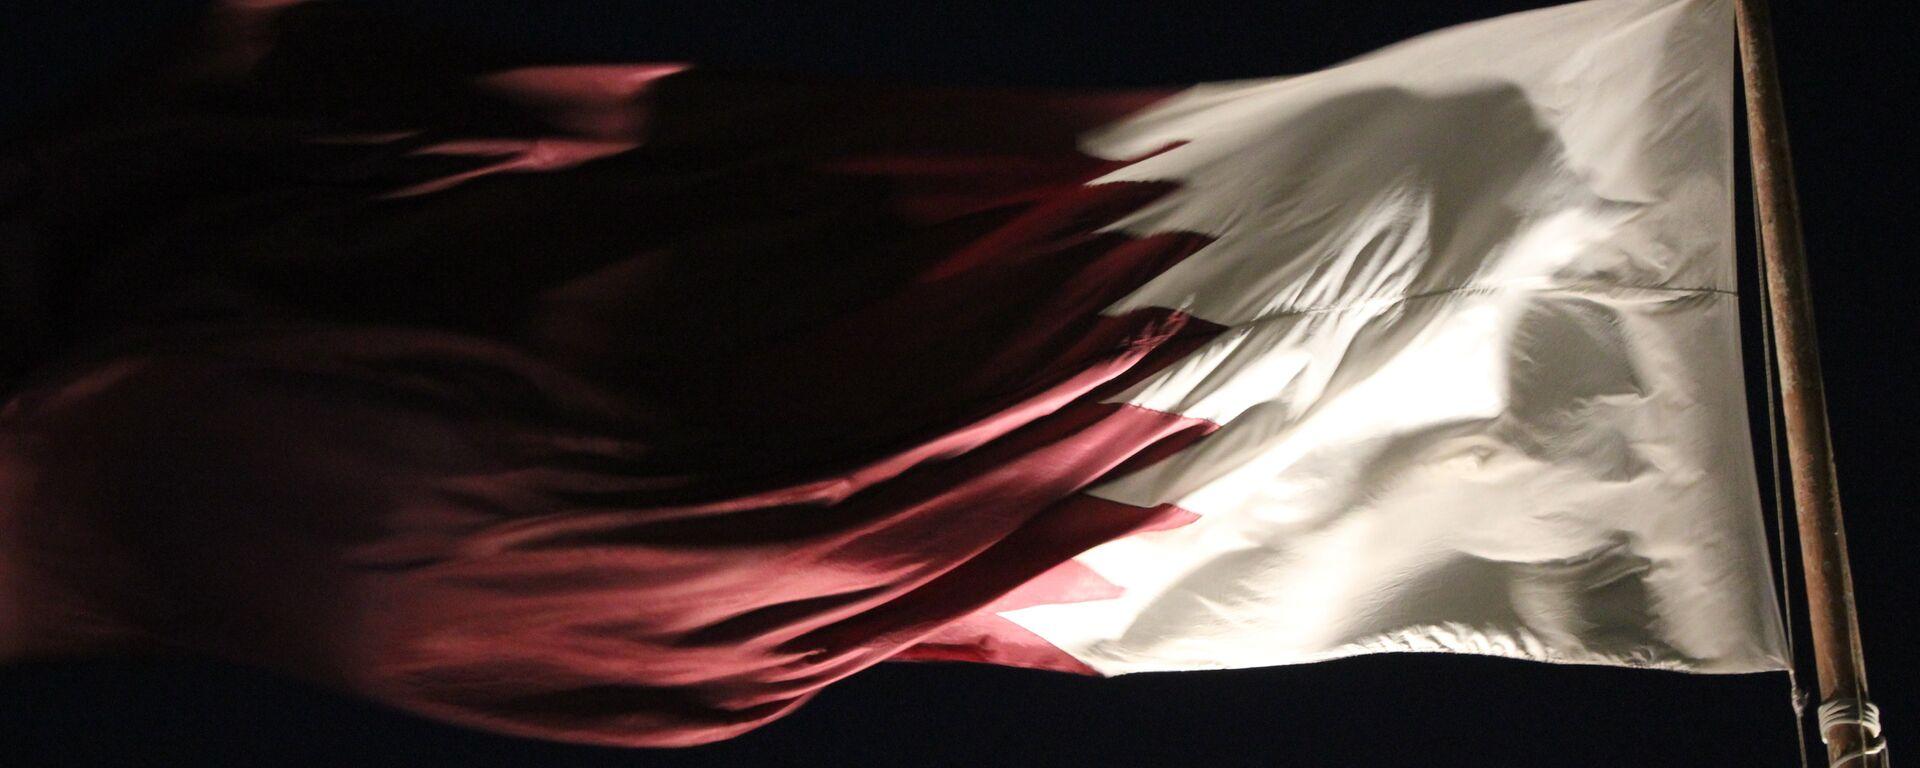 Bandera de Catar - Sputnik Mundo, 1920, 01.06.2021